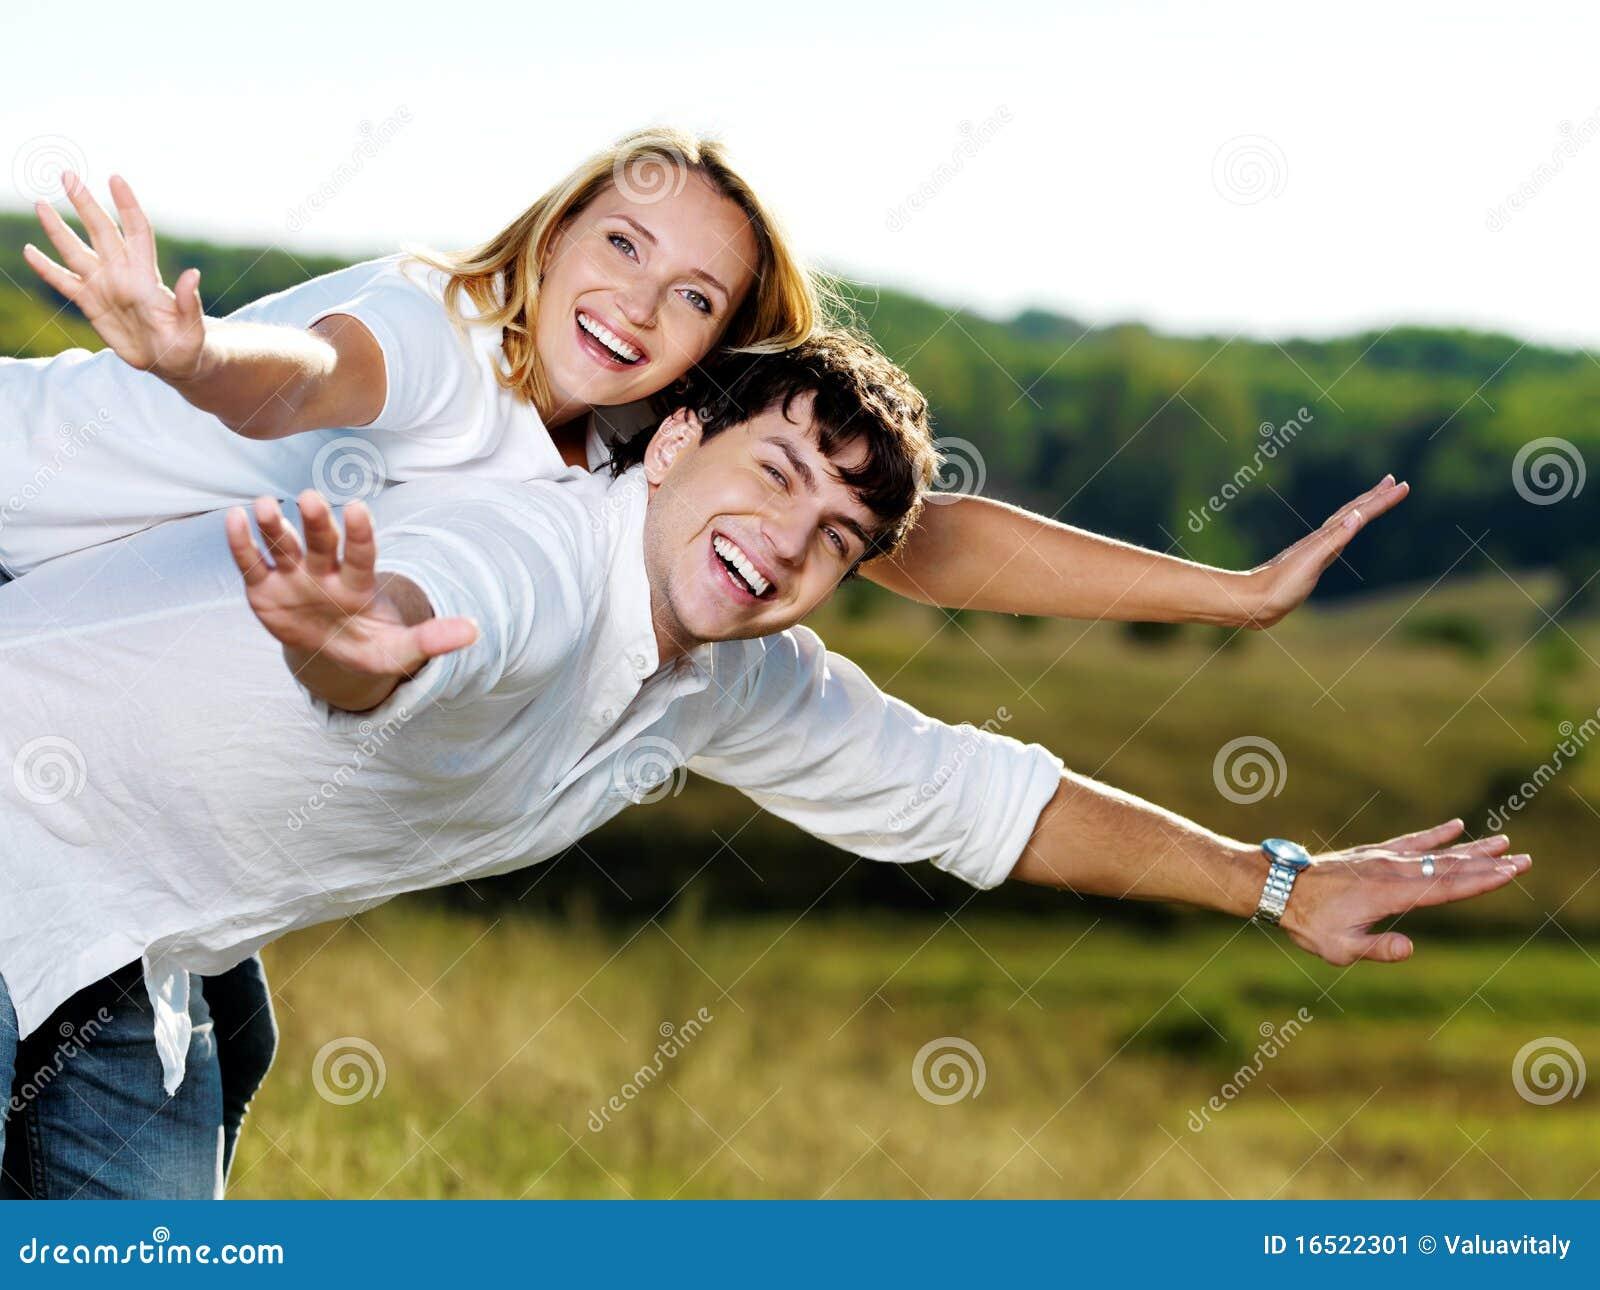 Услуги семейной пары краснодар 5 фотография